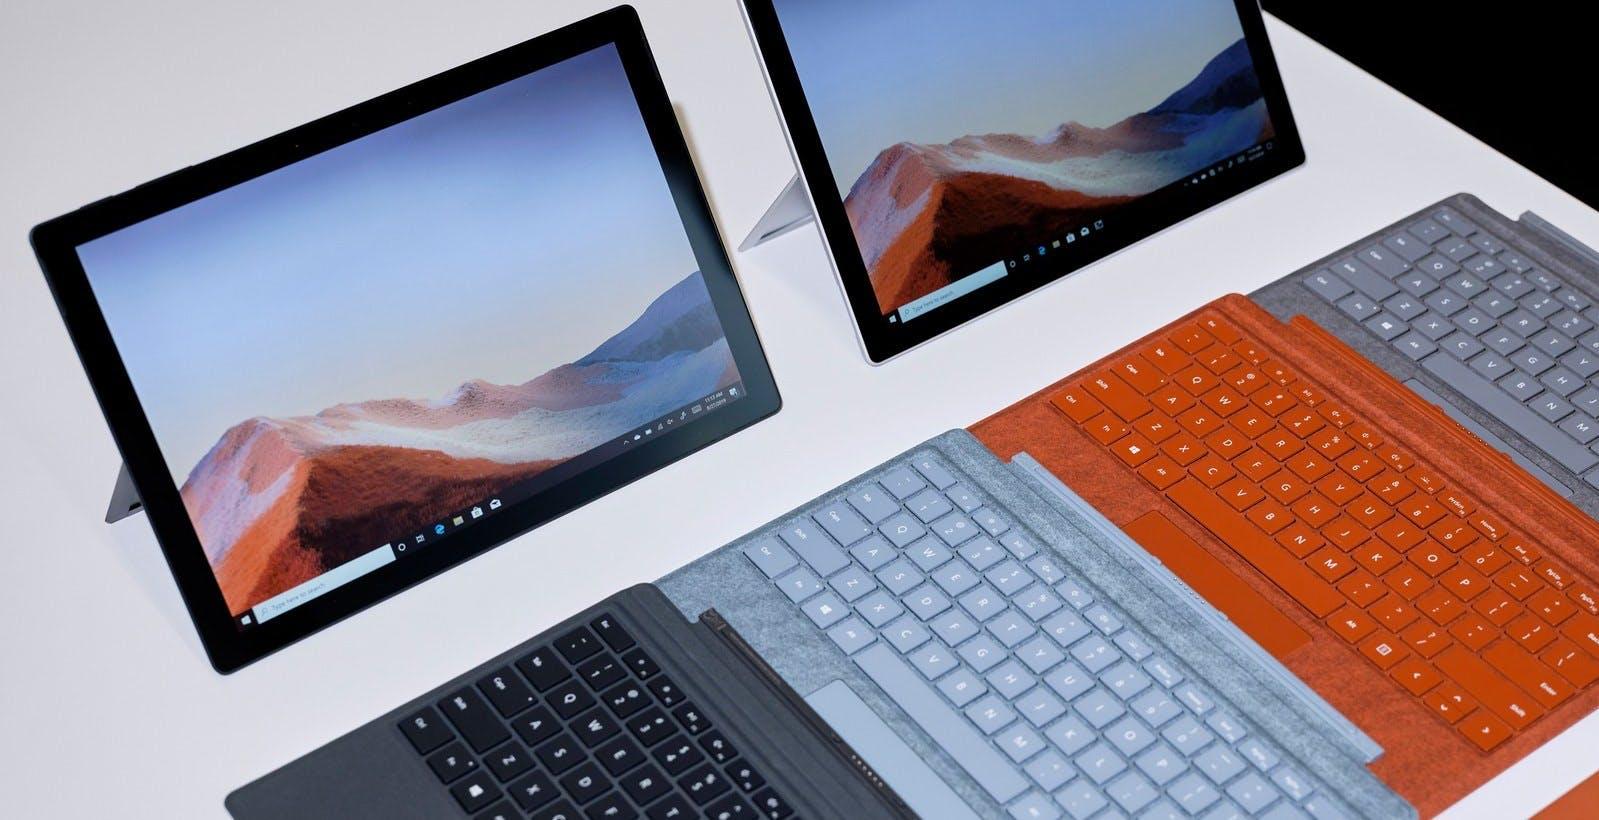 I saldi Microsoft: fino al 27% di sconto su portatili e accessori. Tre mesi di Game Pass a 1 euro